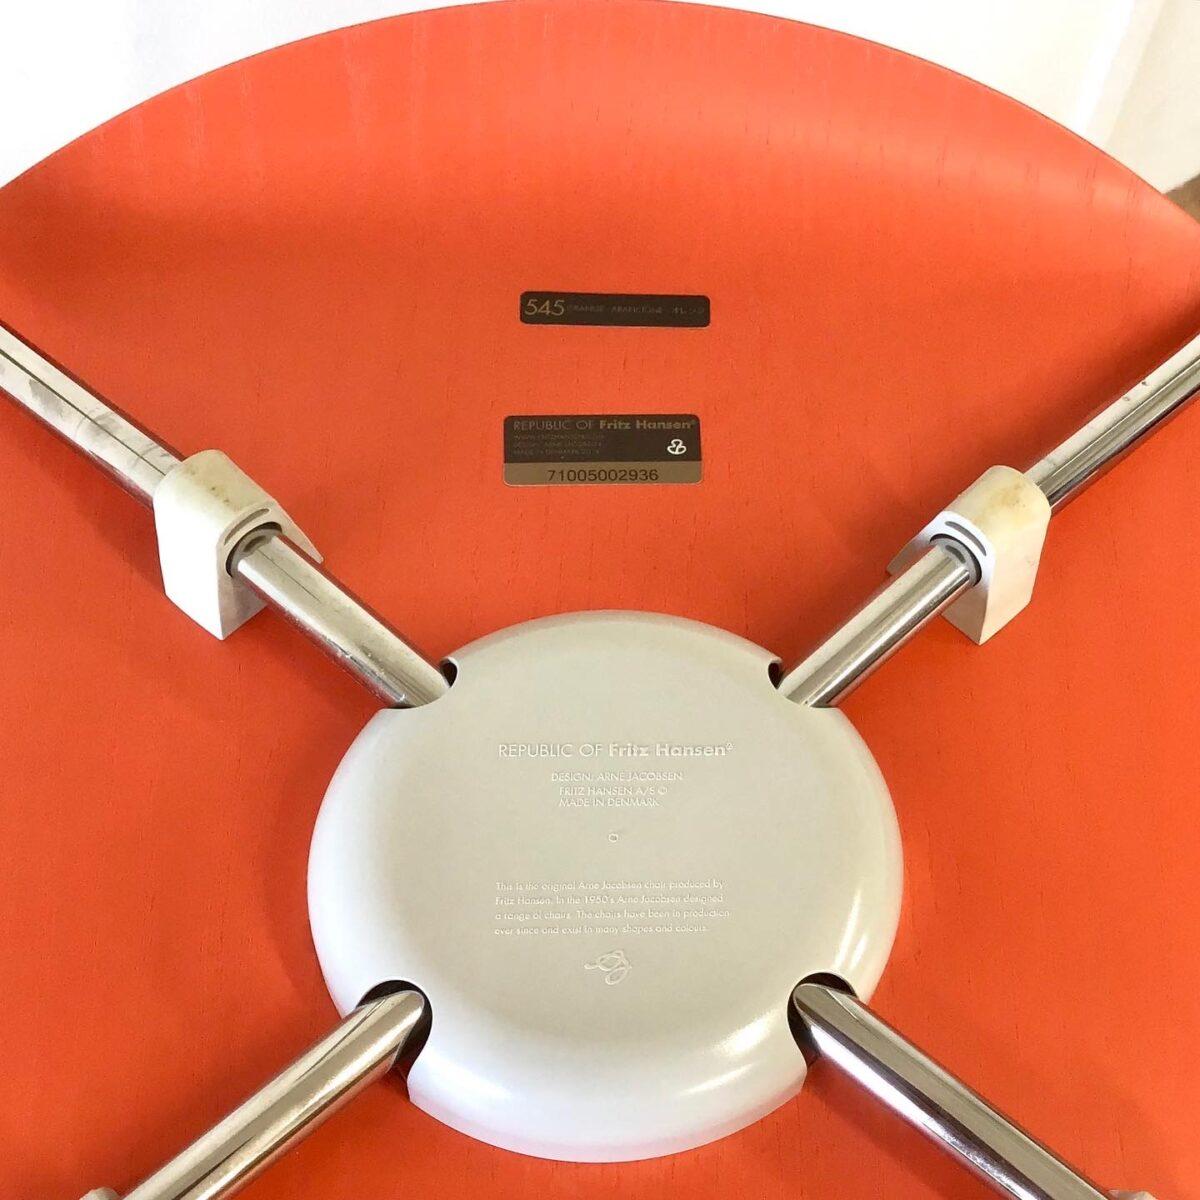 9 Arne Jacobsen Stühle von Fritz Hansen. Preis pro Stuhl. Je 3 in der gleichen Farbe. Sitzschalen teilweise leicht abgewetzt. Technisch in einwandfreiem Zustand.